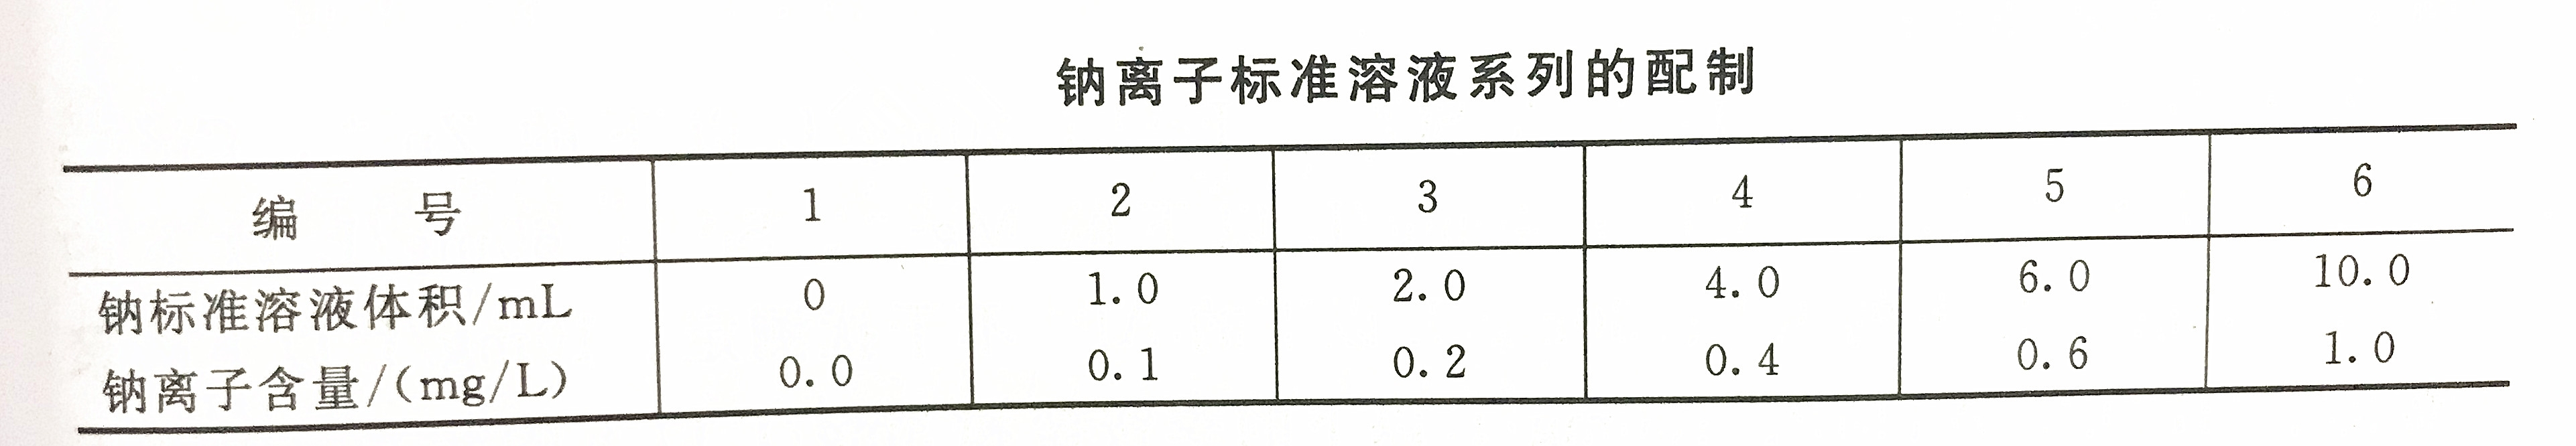 钠离子标准溶液配制表